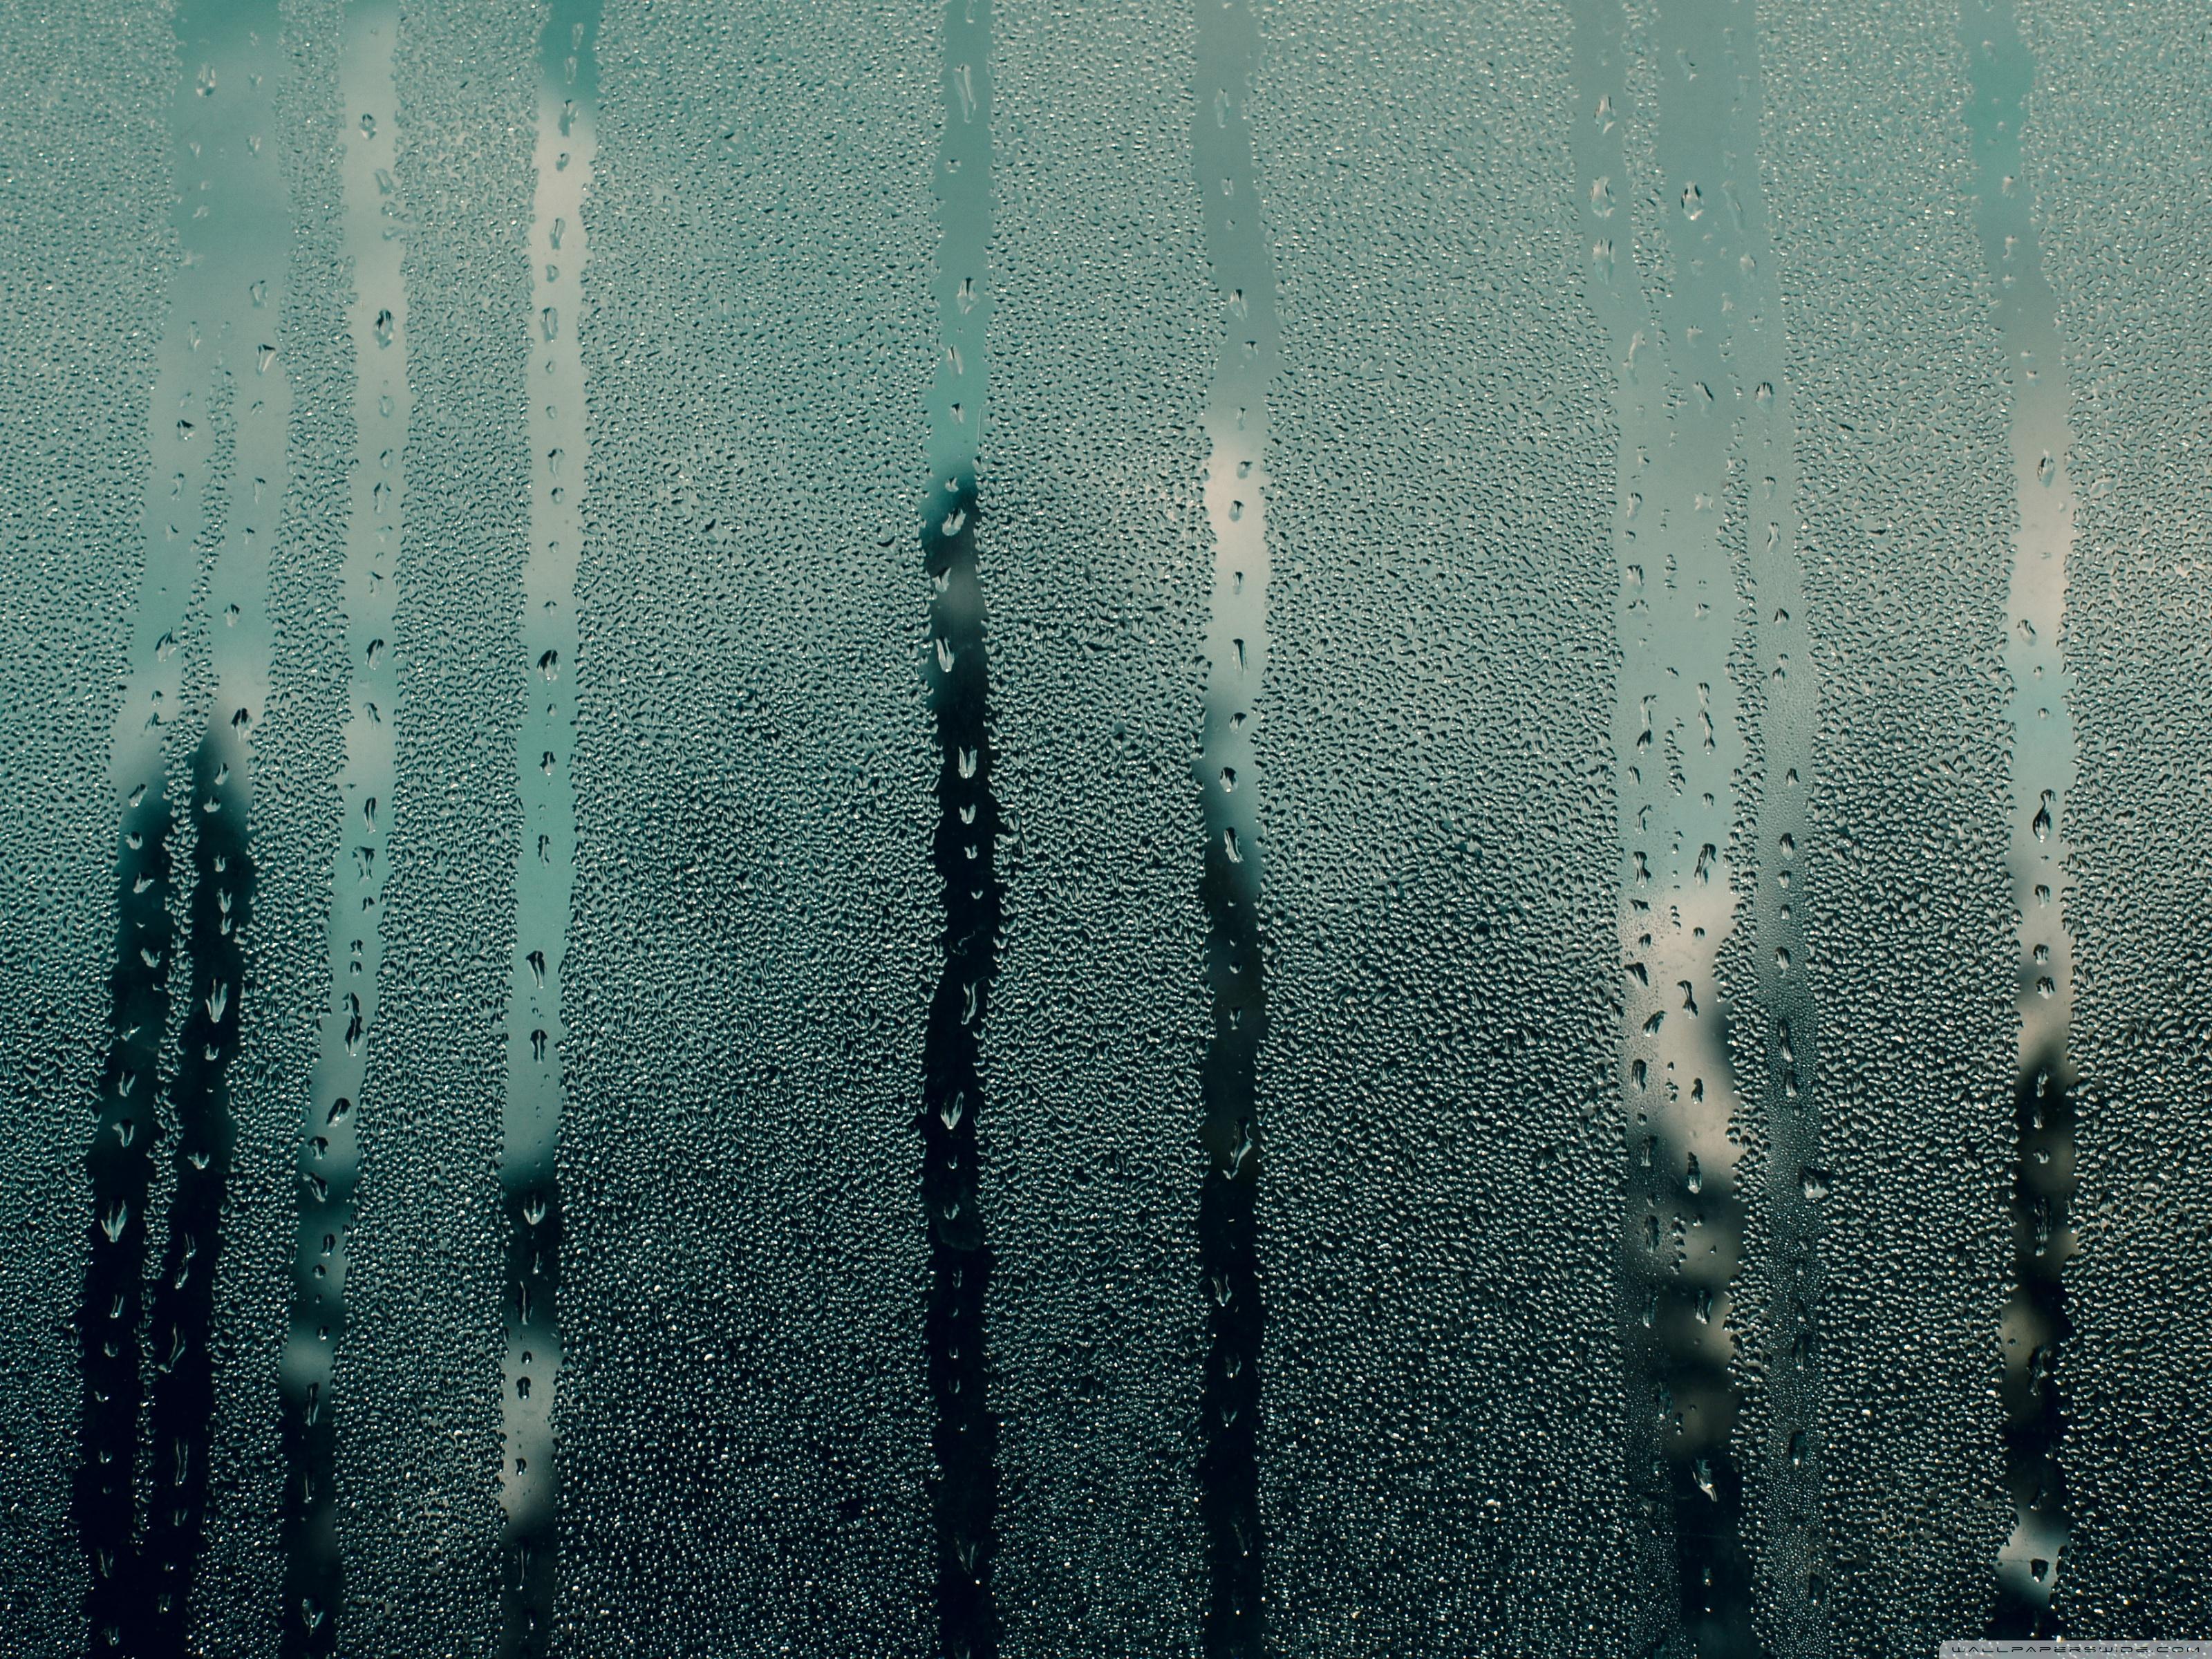 Foggy Window Wallpaper